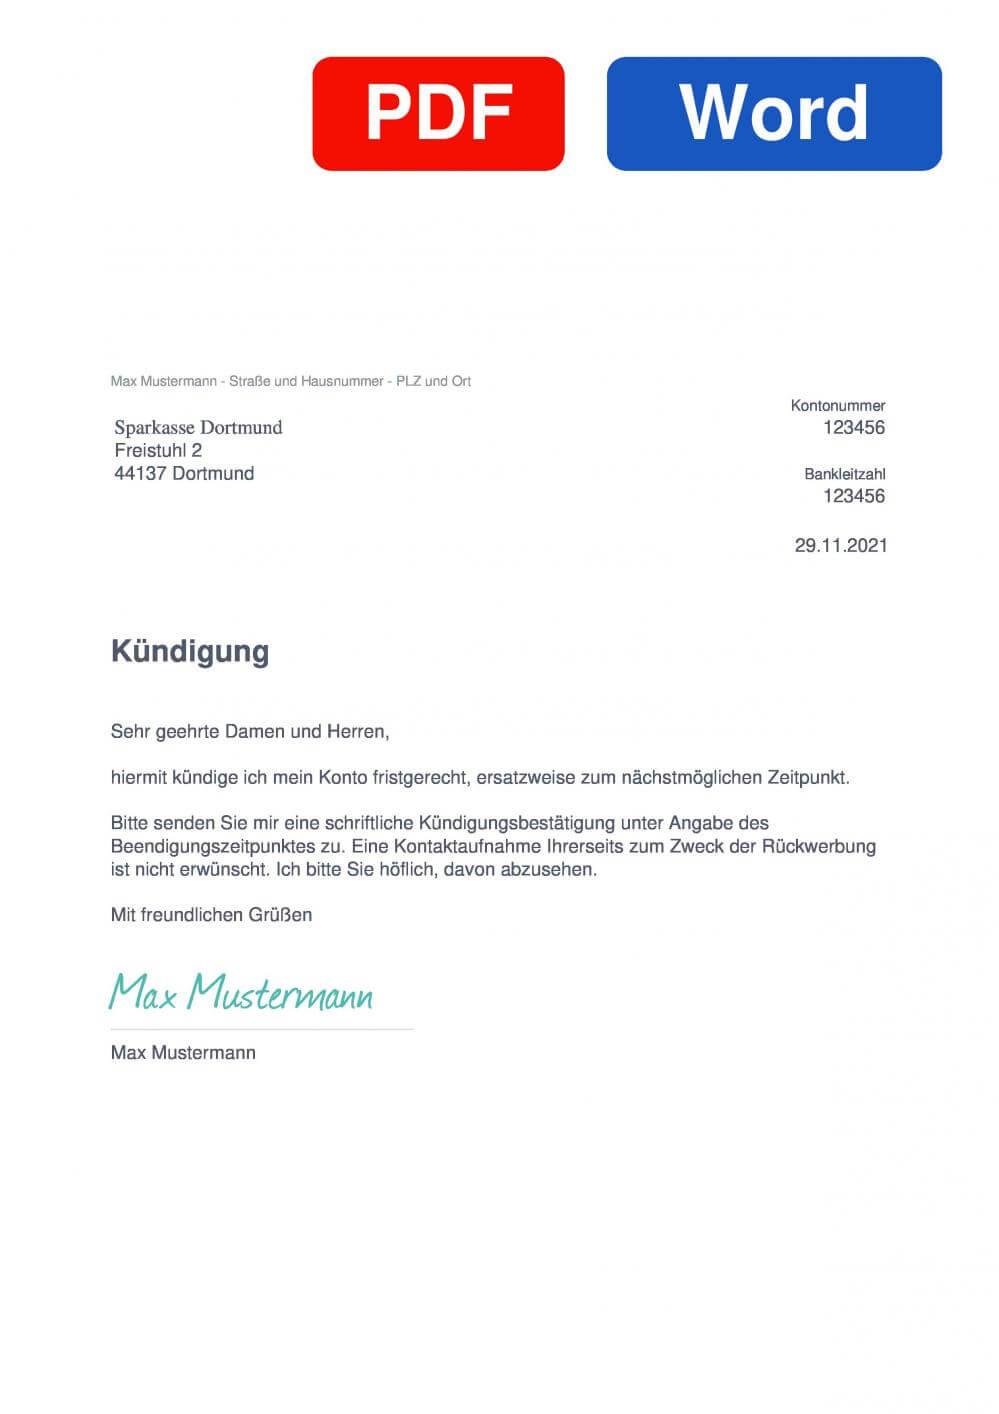 Sparkasse Dortmund Muster Vorlage für Kündigungsschreiben